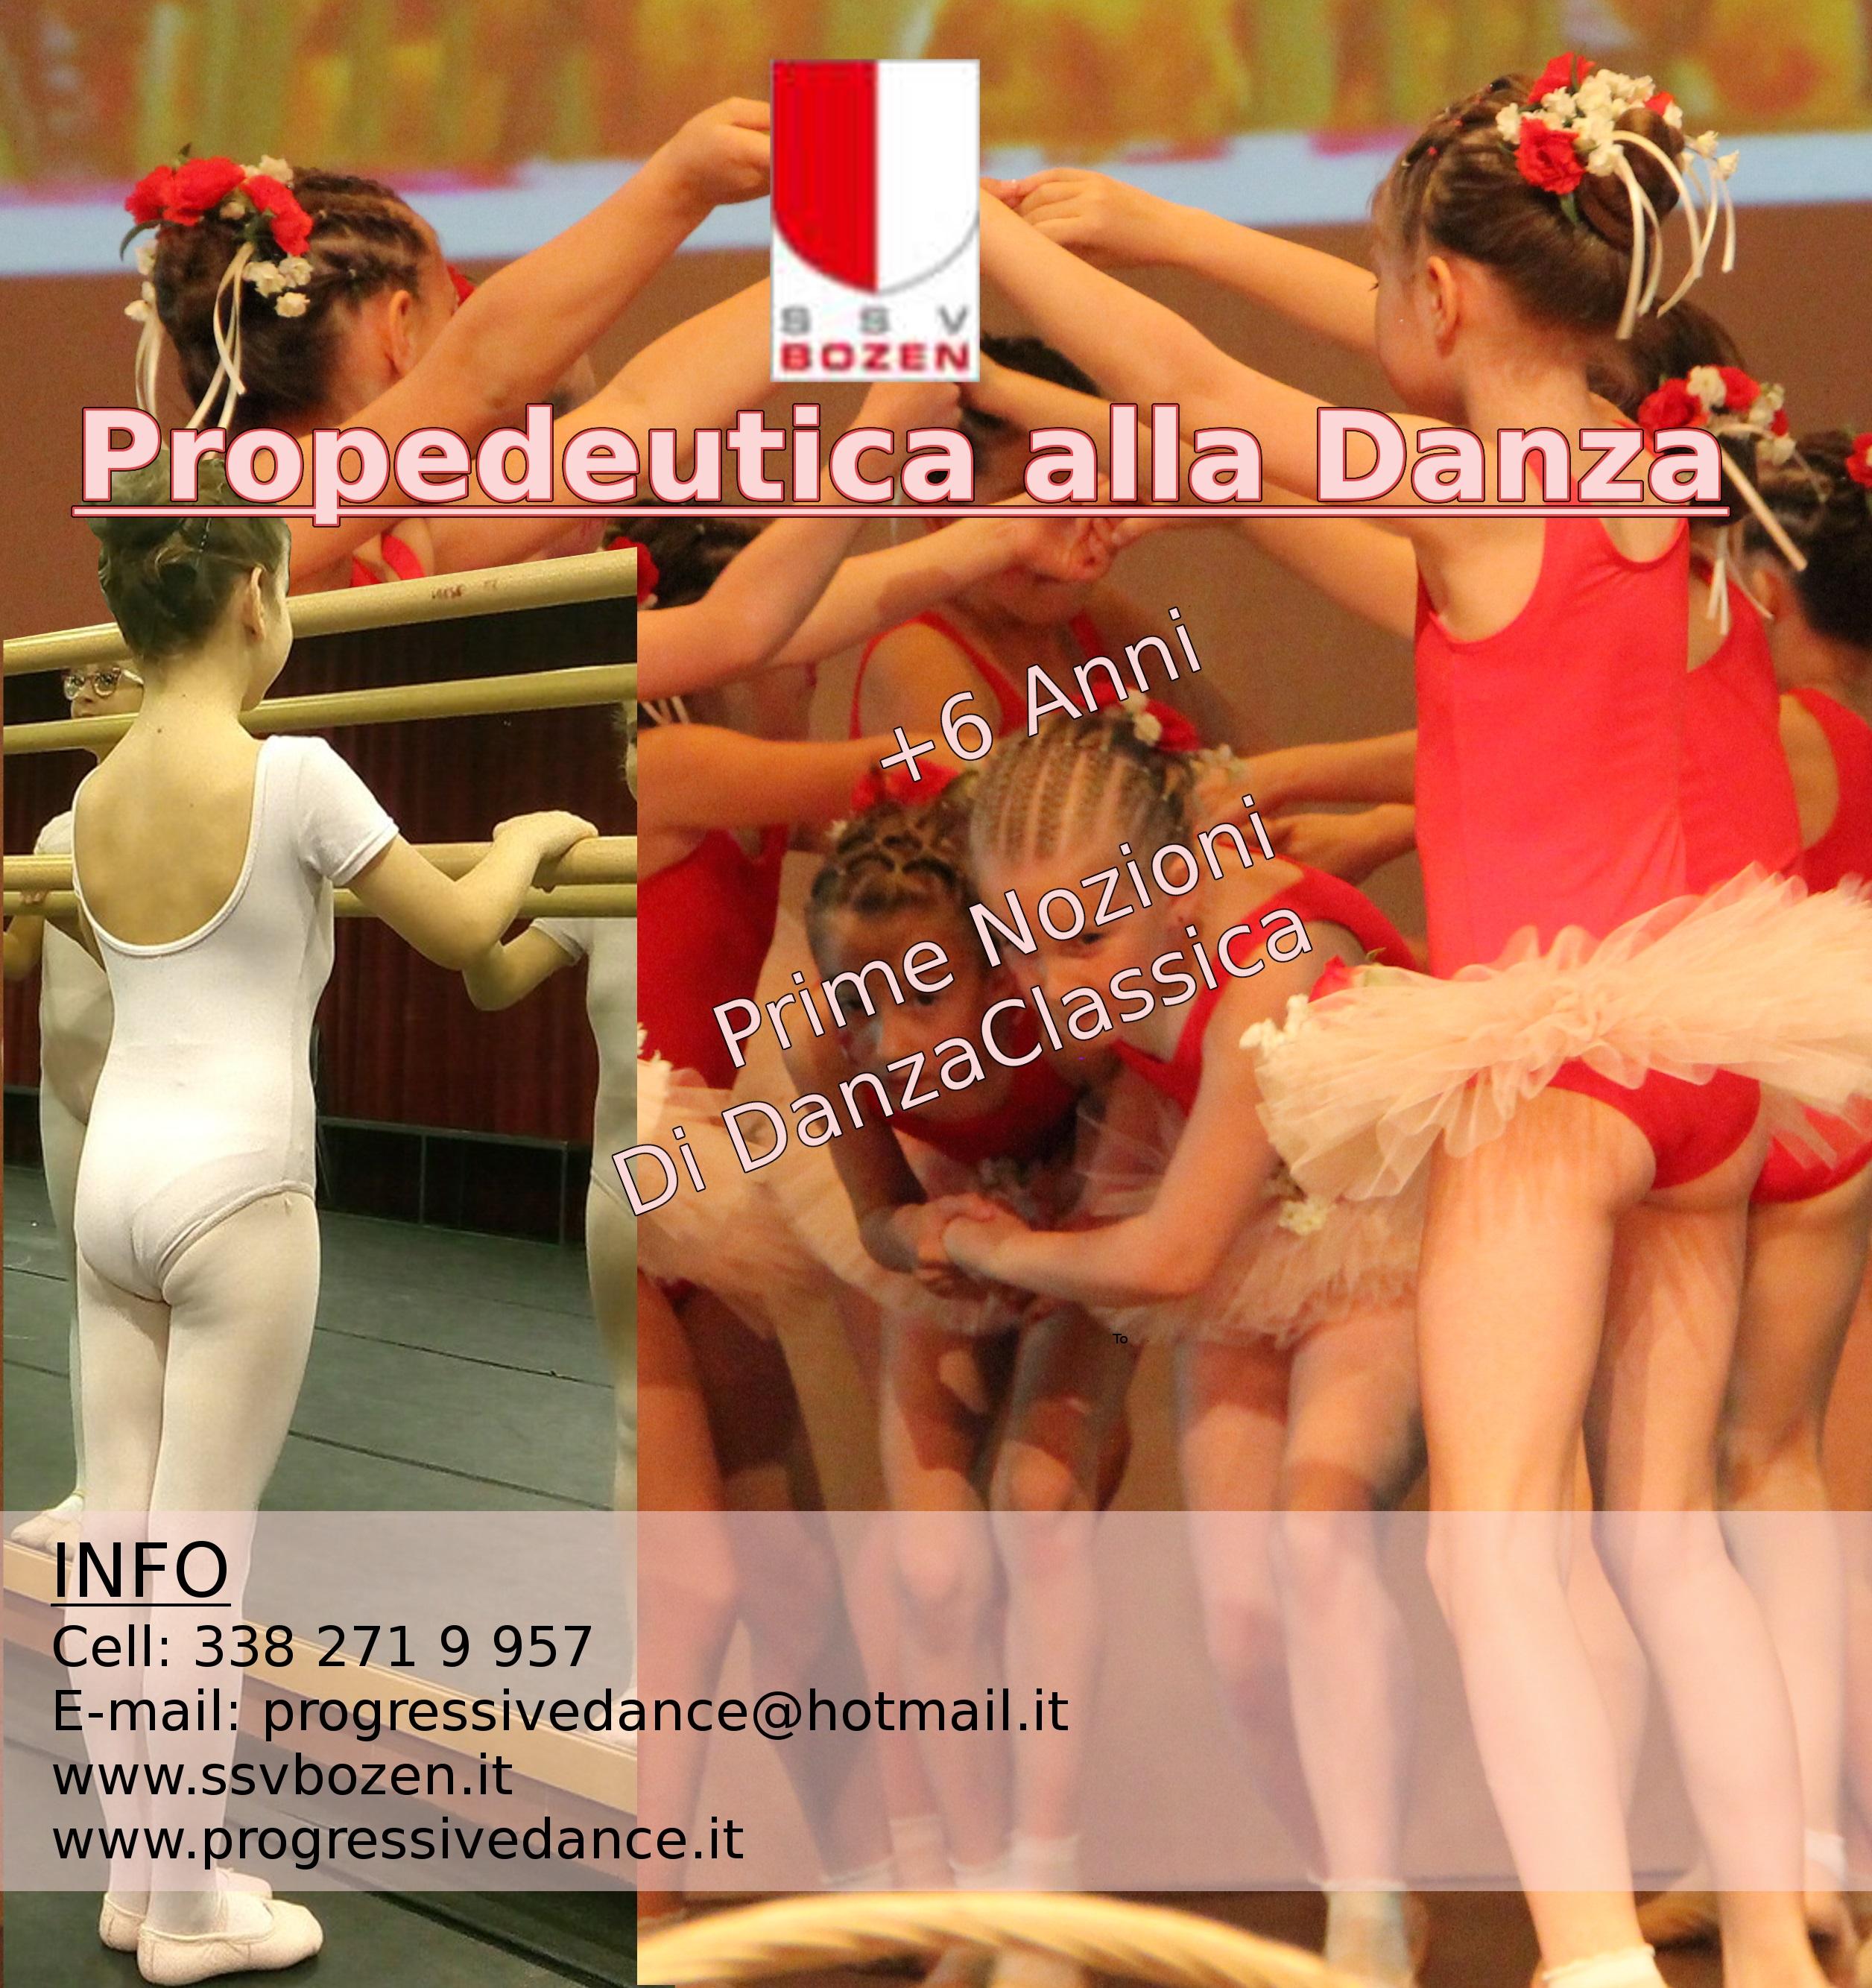 1-Propedeutica alla danza-2021-settembre-1jpg